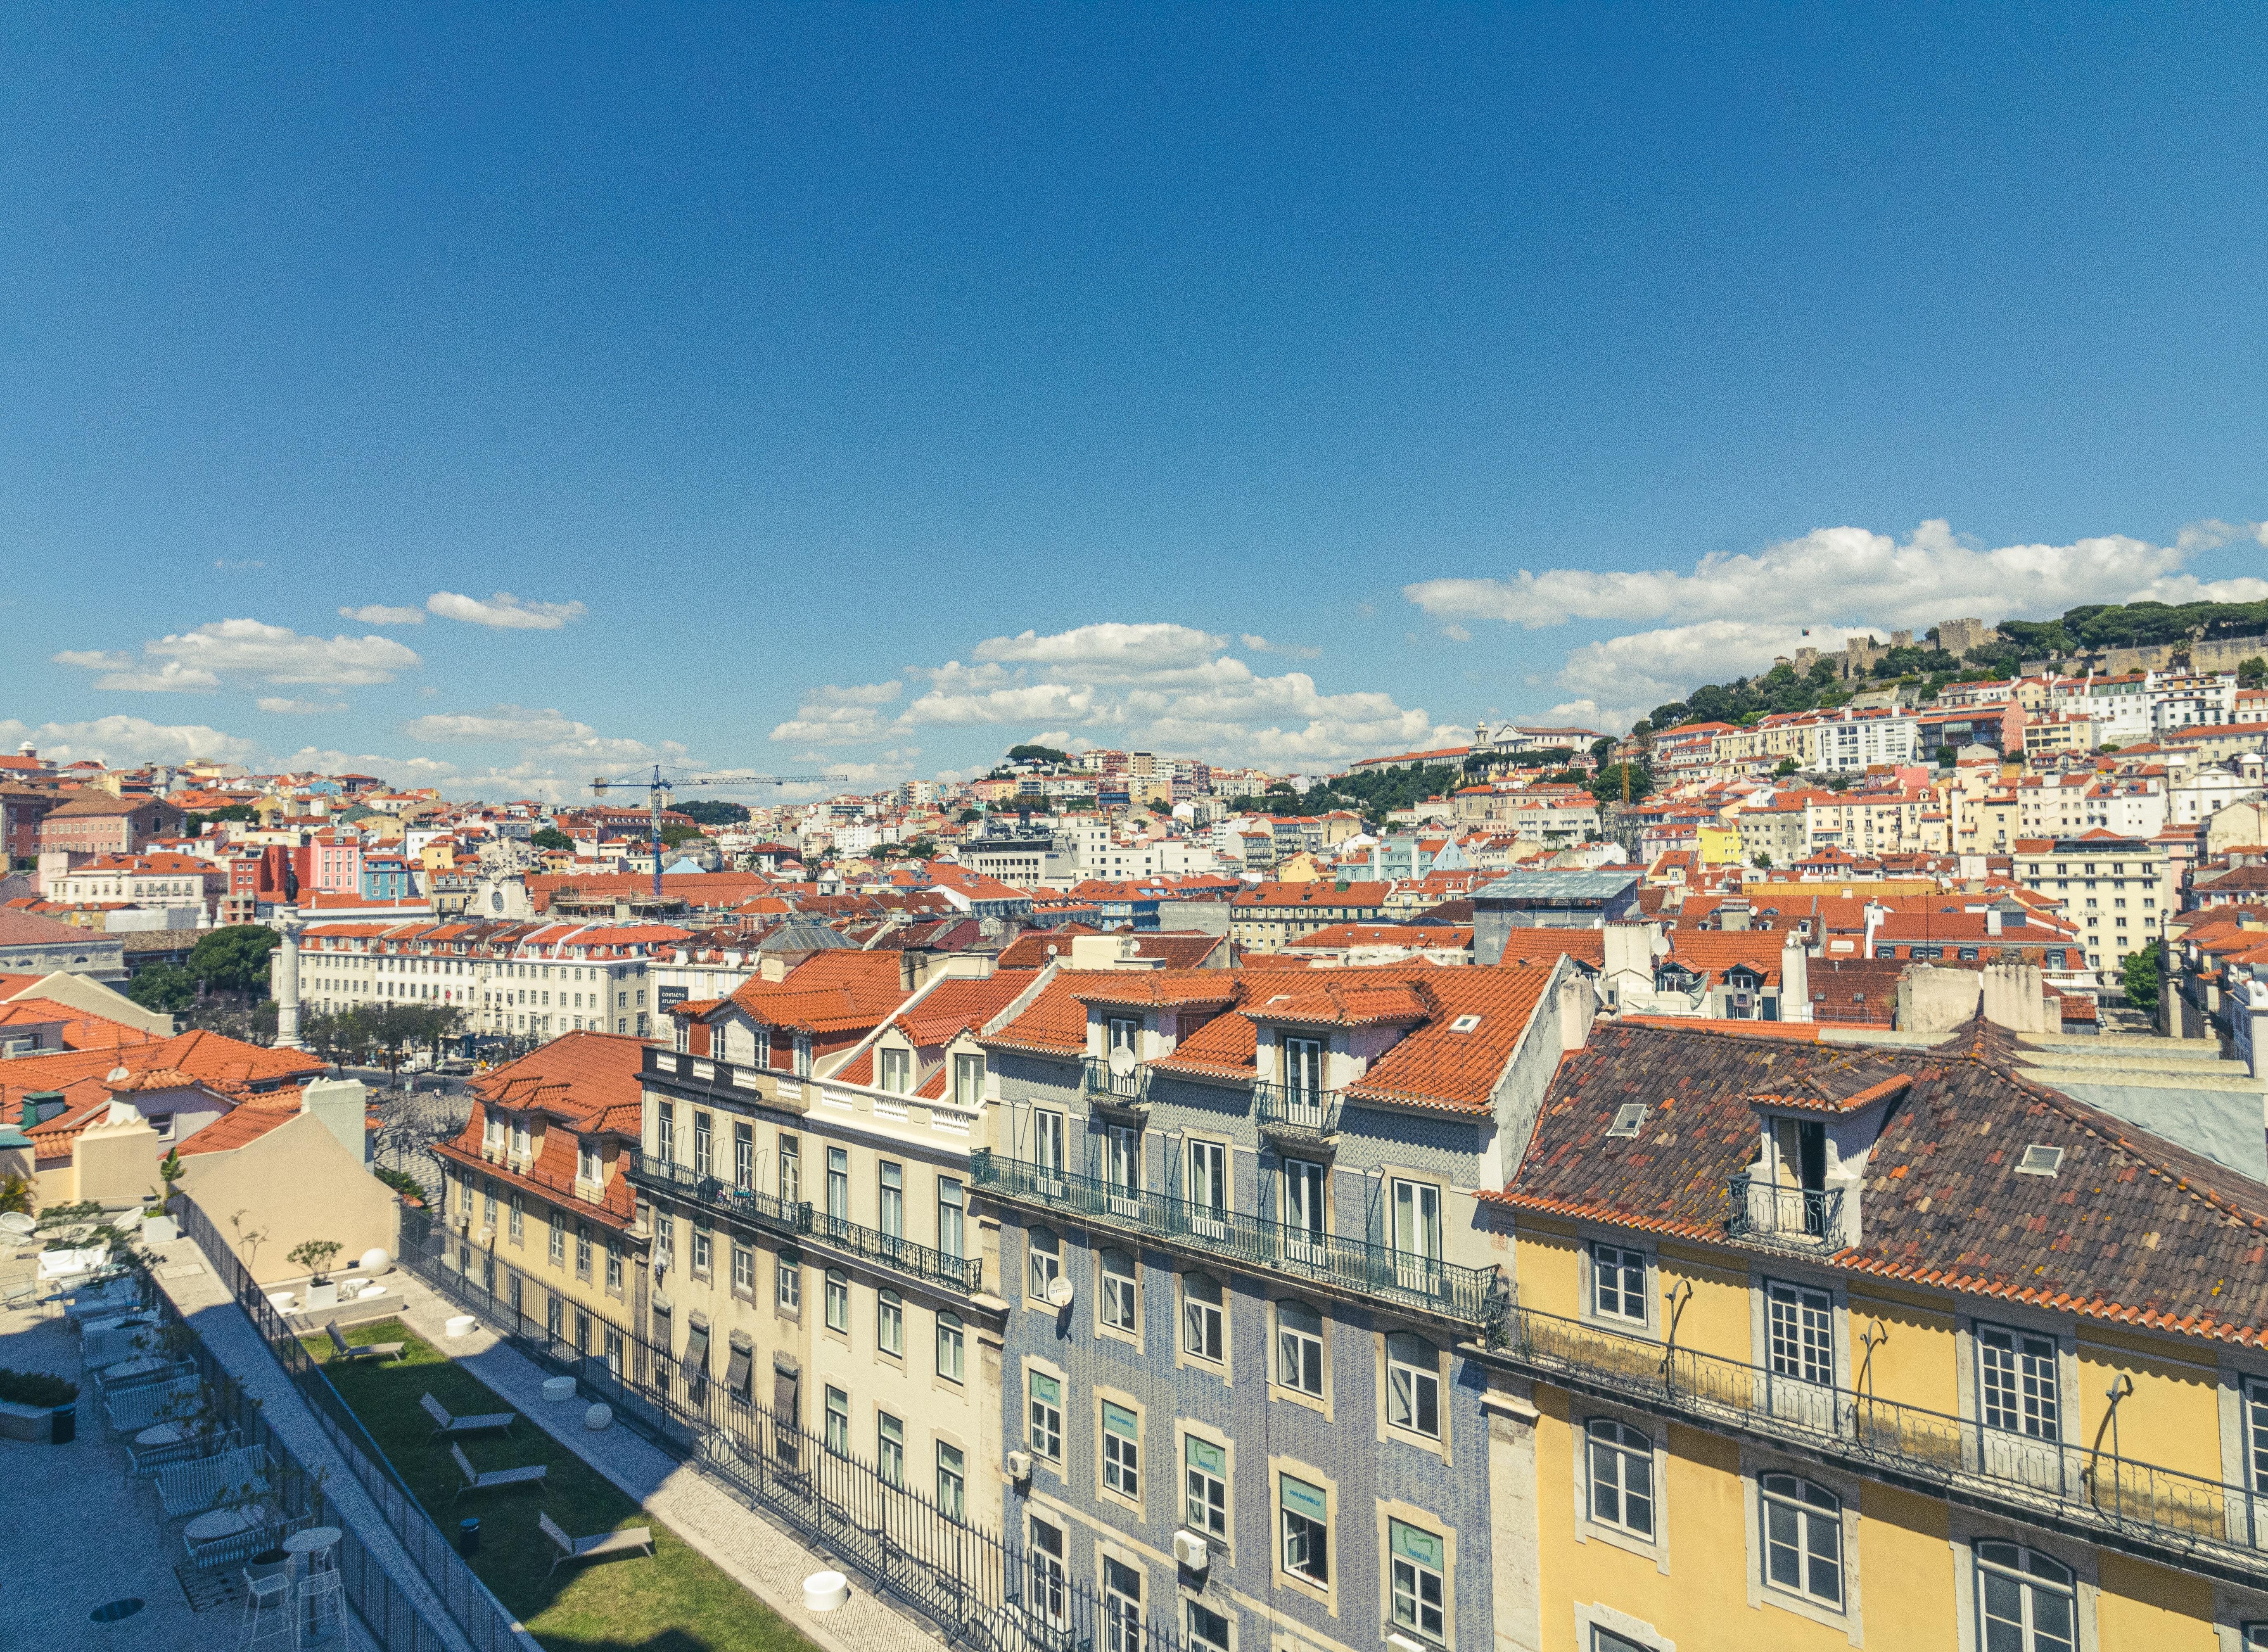 Criar mais habitação em Portugal